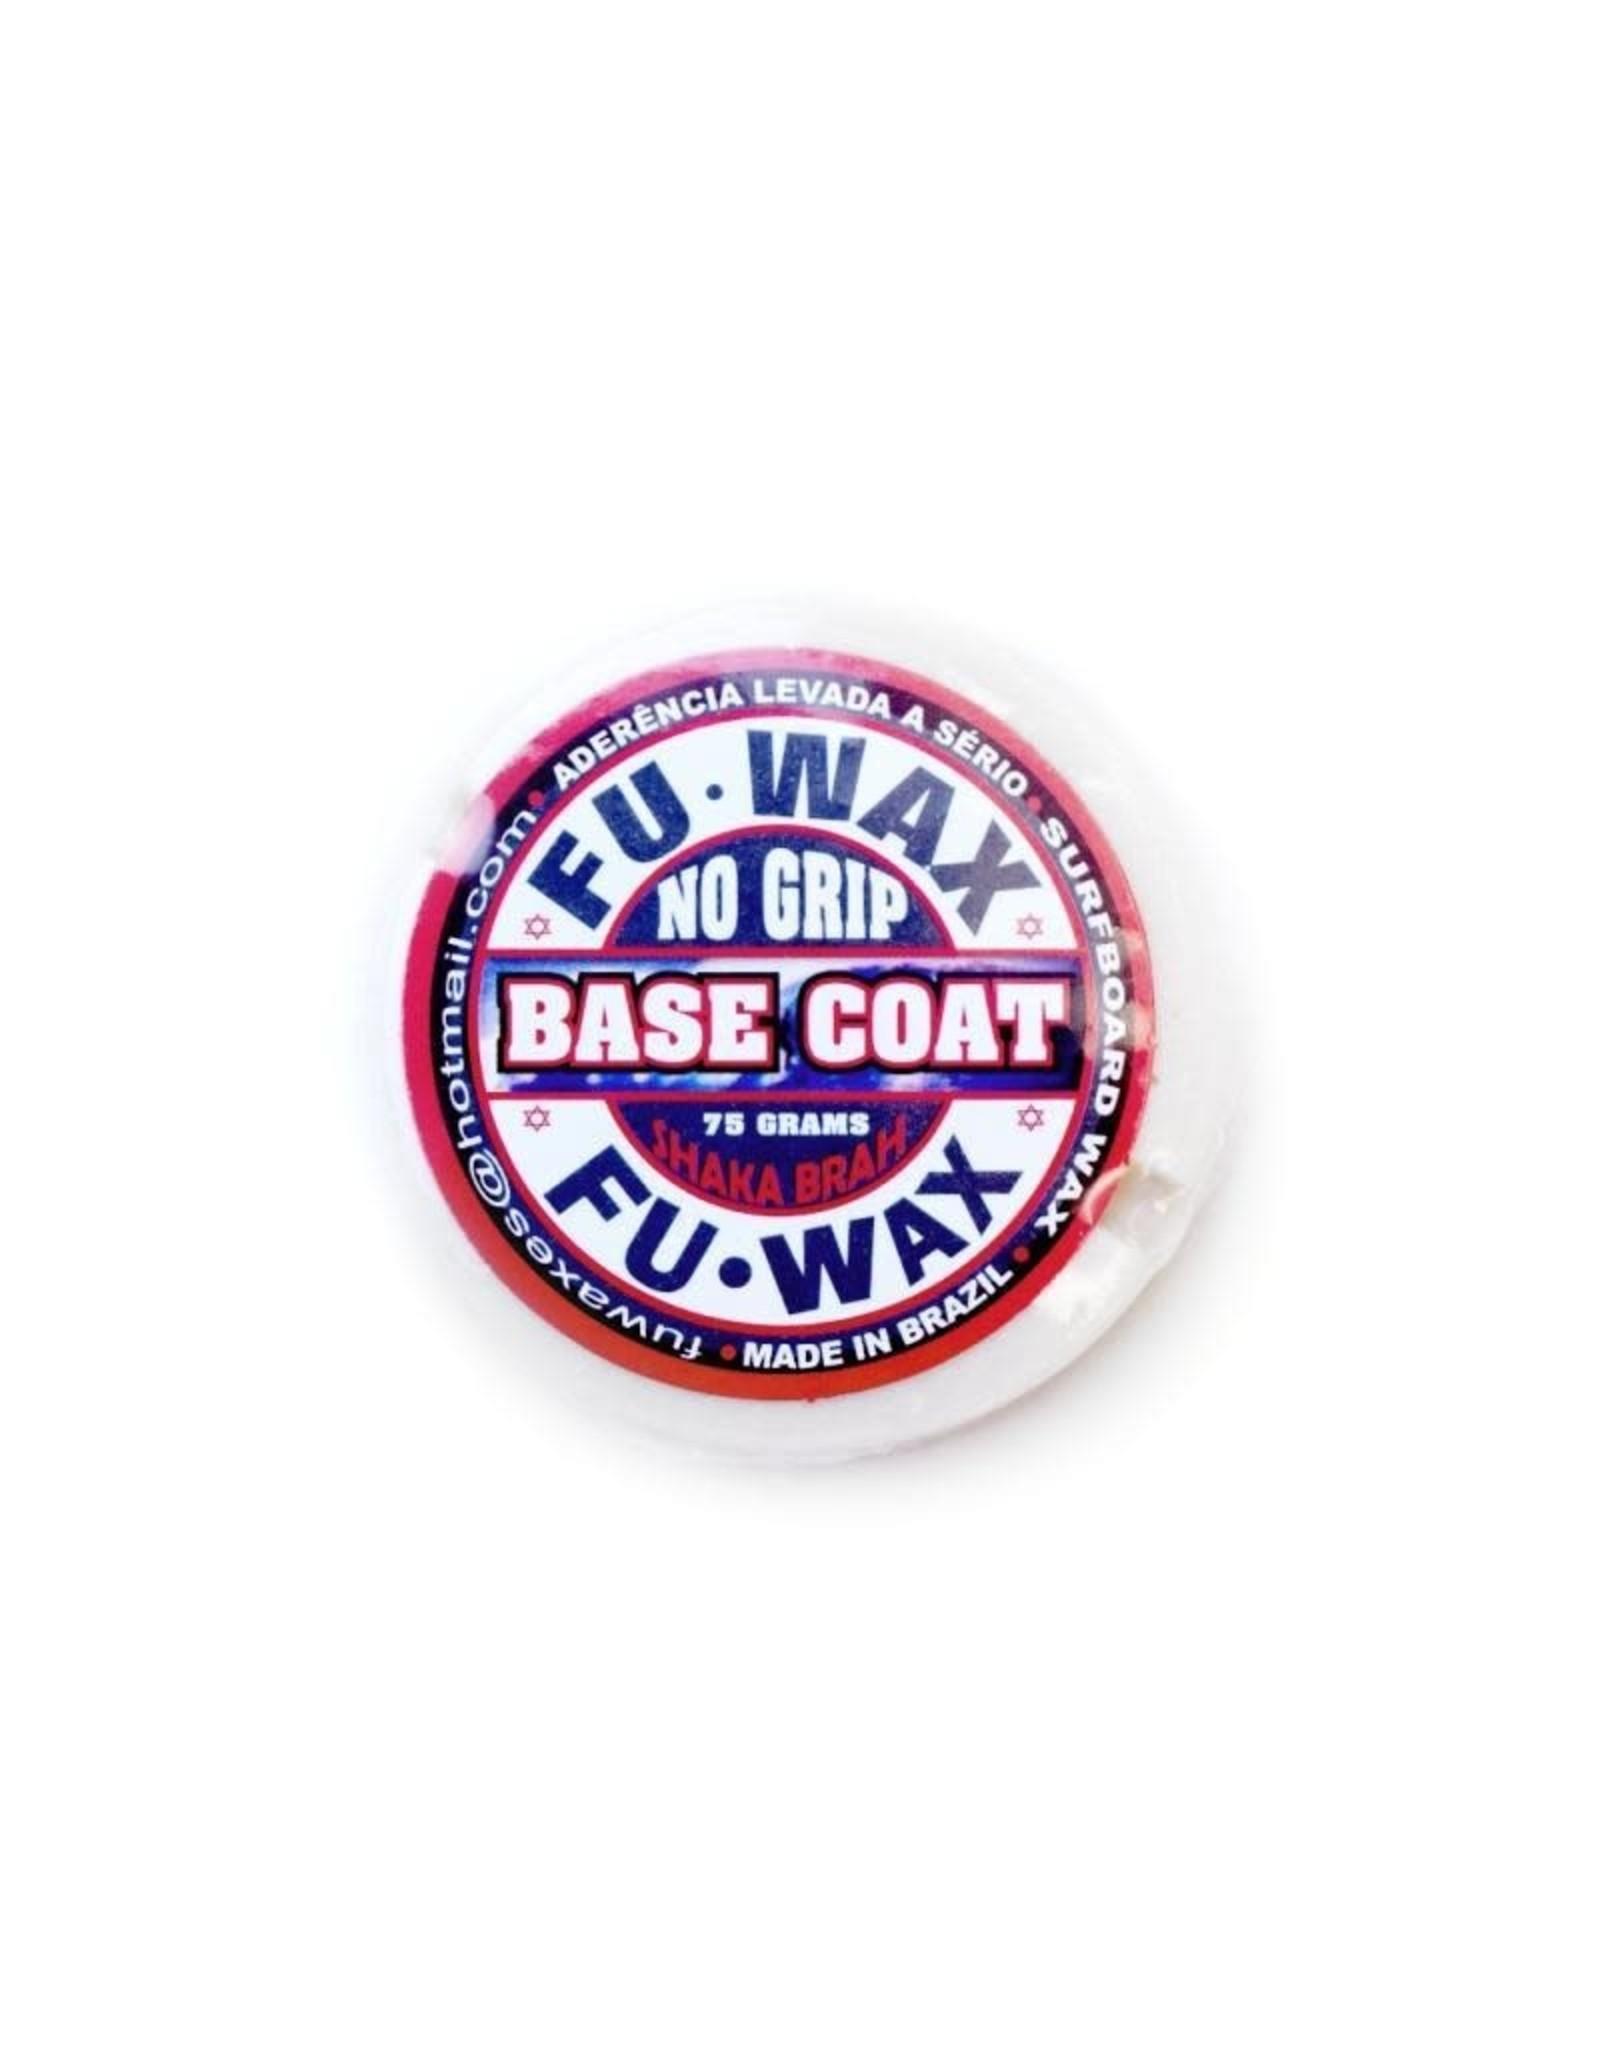 FU Wax FU Wax Base Coat